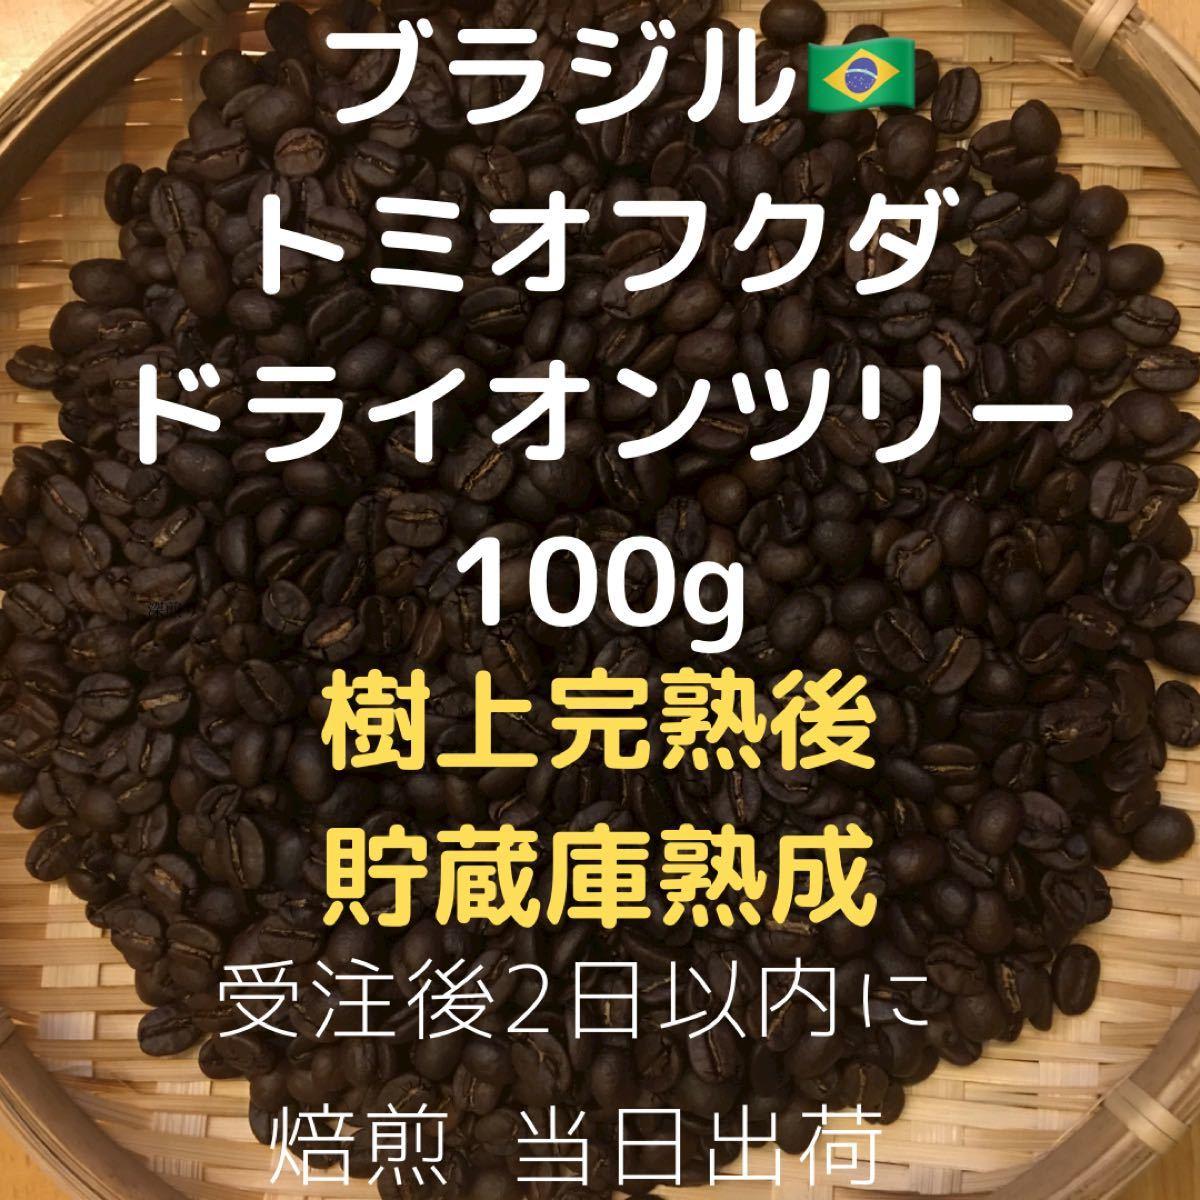 自家焙煎 ブラジル トミオフクダ ドライオンツリー100g(豆又は粉)匿名配送